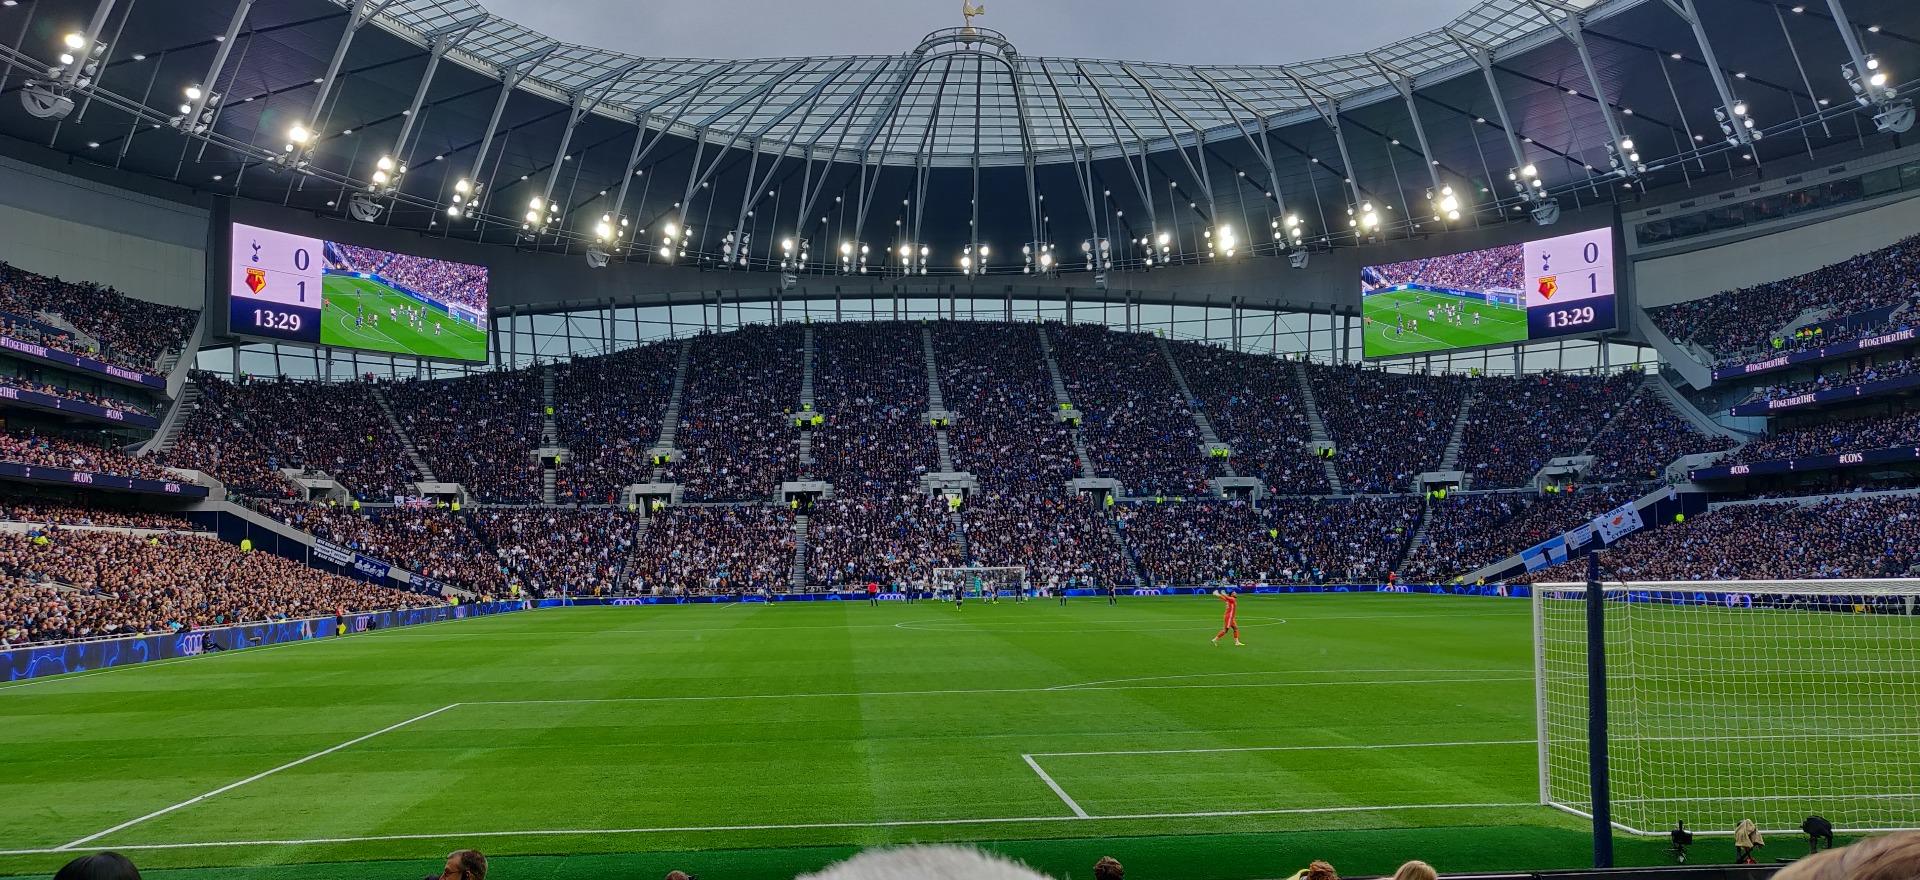 Tottenham Hotspur Stadium Sección 113 Fila 11 Asiento 393